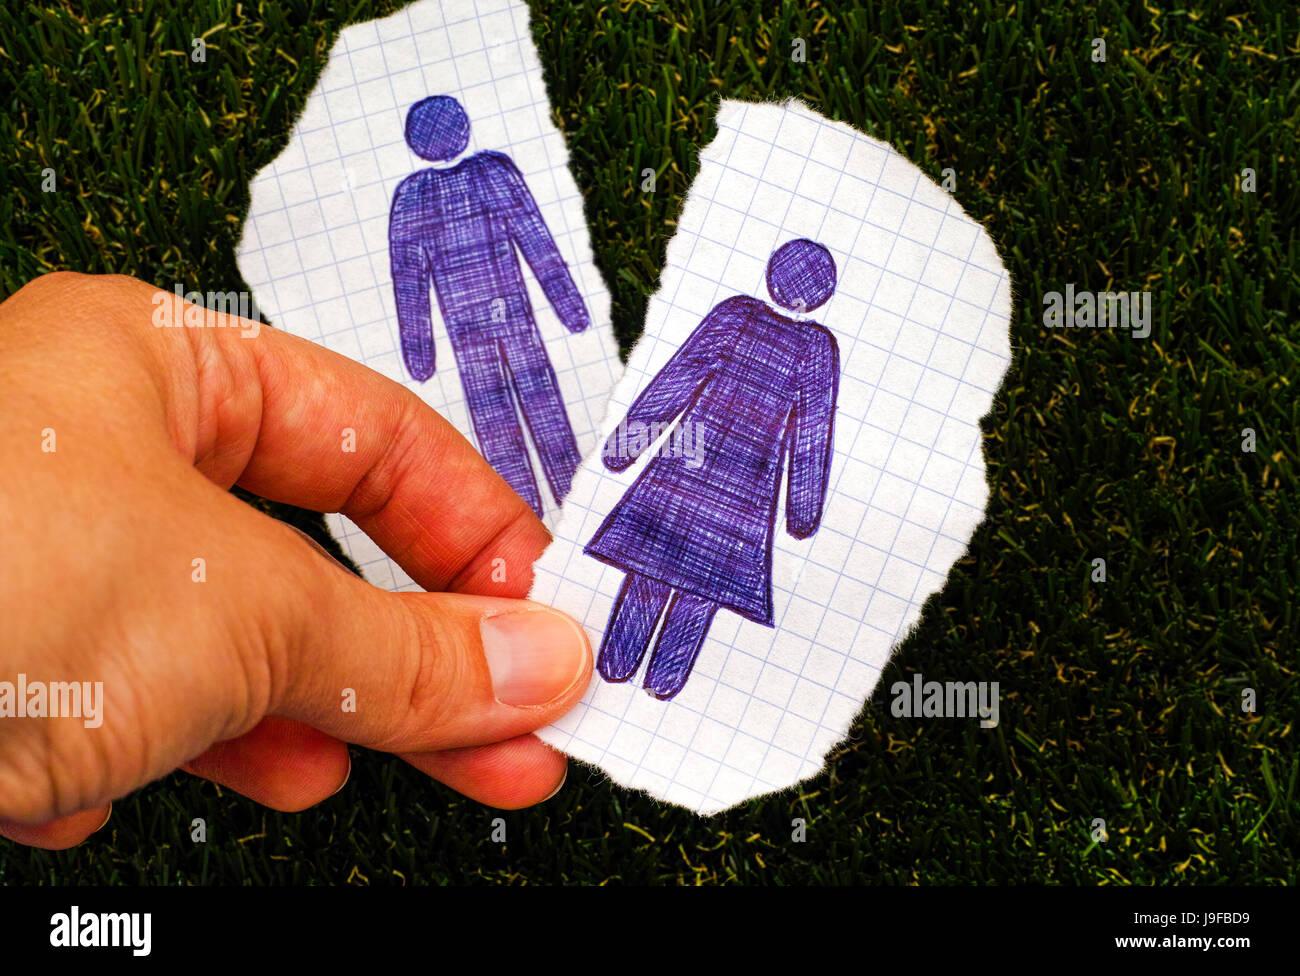 Persona mano sujetando trozo de papel con la mujer figura dibujada a mano. Otro pedazo de papel con dibuja la figura Imagen De Stock